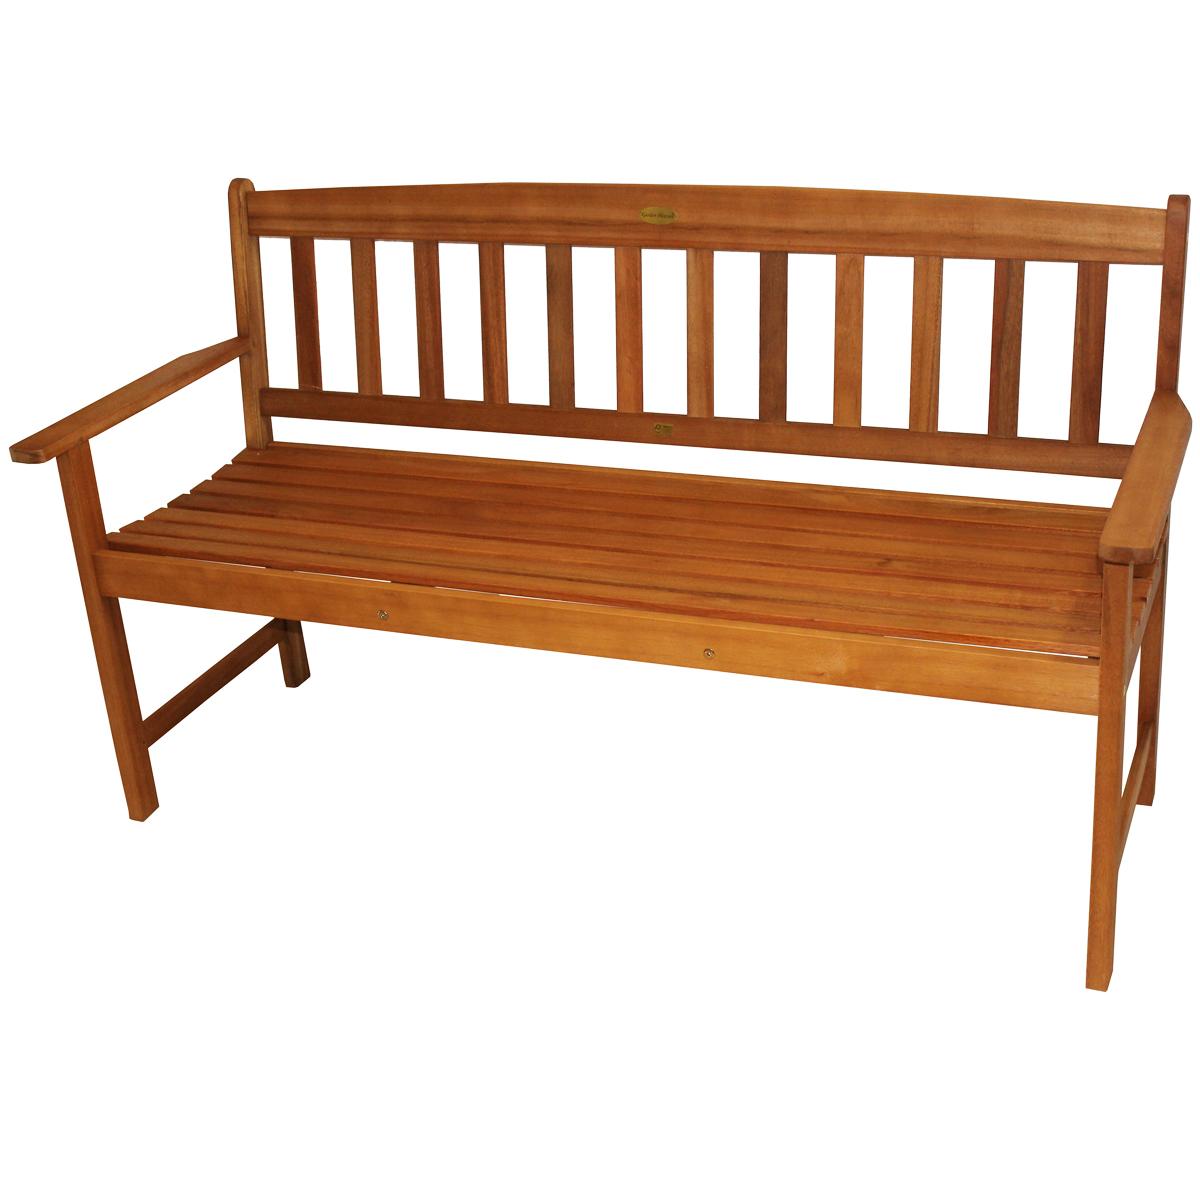 3 sitzer gartenbank 154cm pazifik bank m bel holzbank. Black Bedroom Furniture Sets. Home Design Ideas